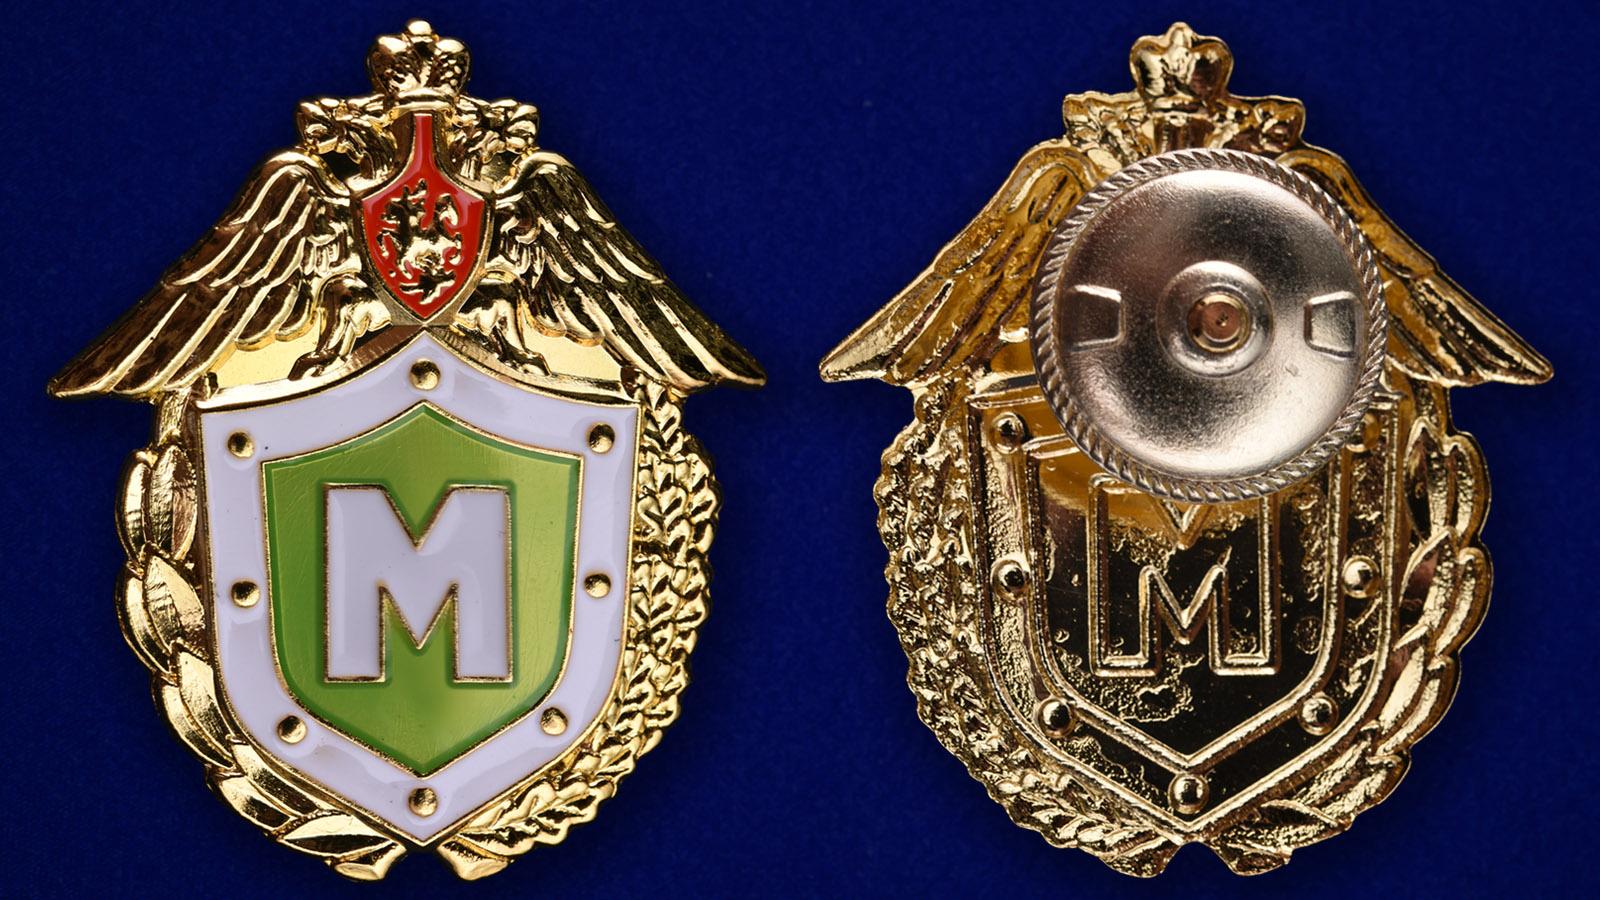 Знак ФПС «Классный специалист» Мастер аверс и реверс